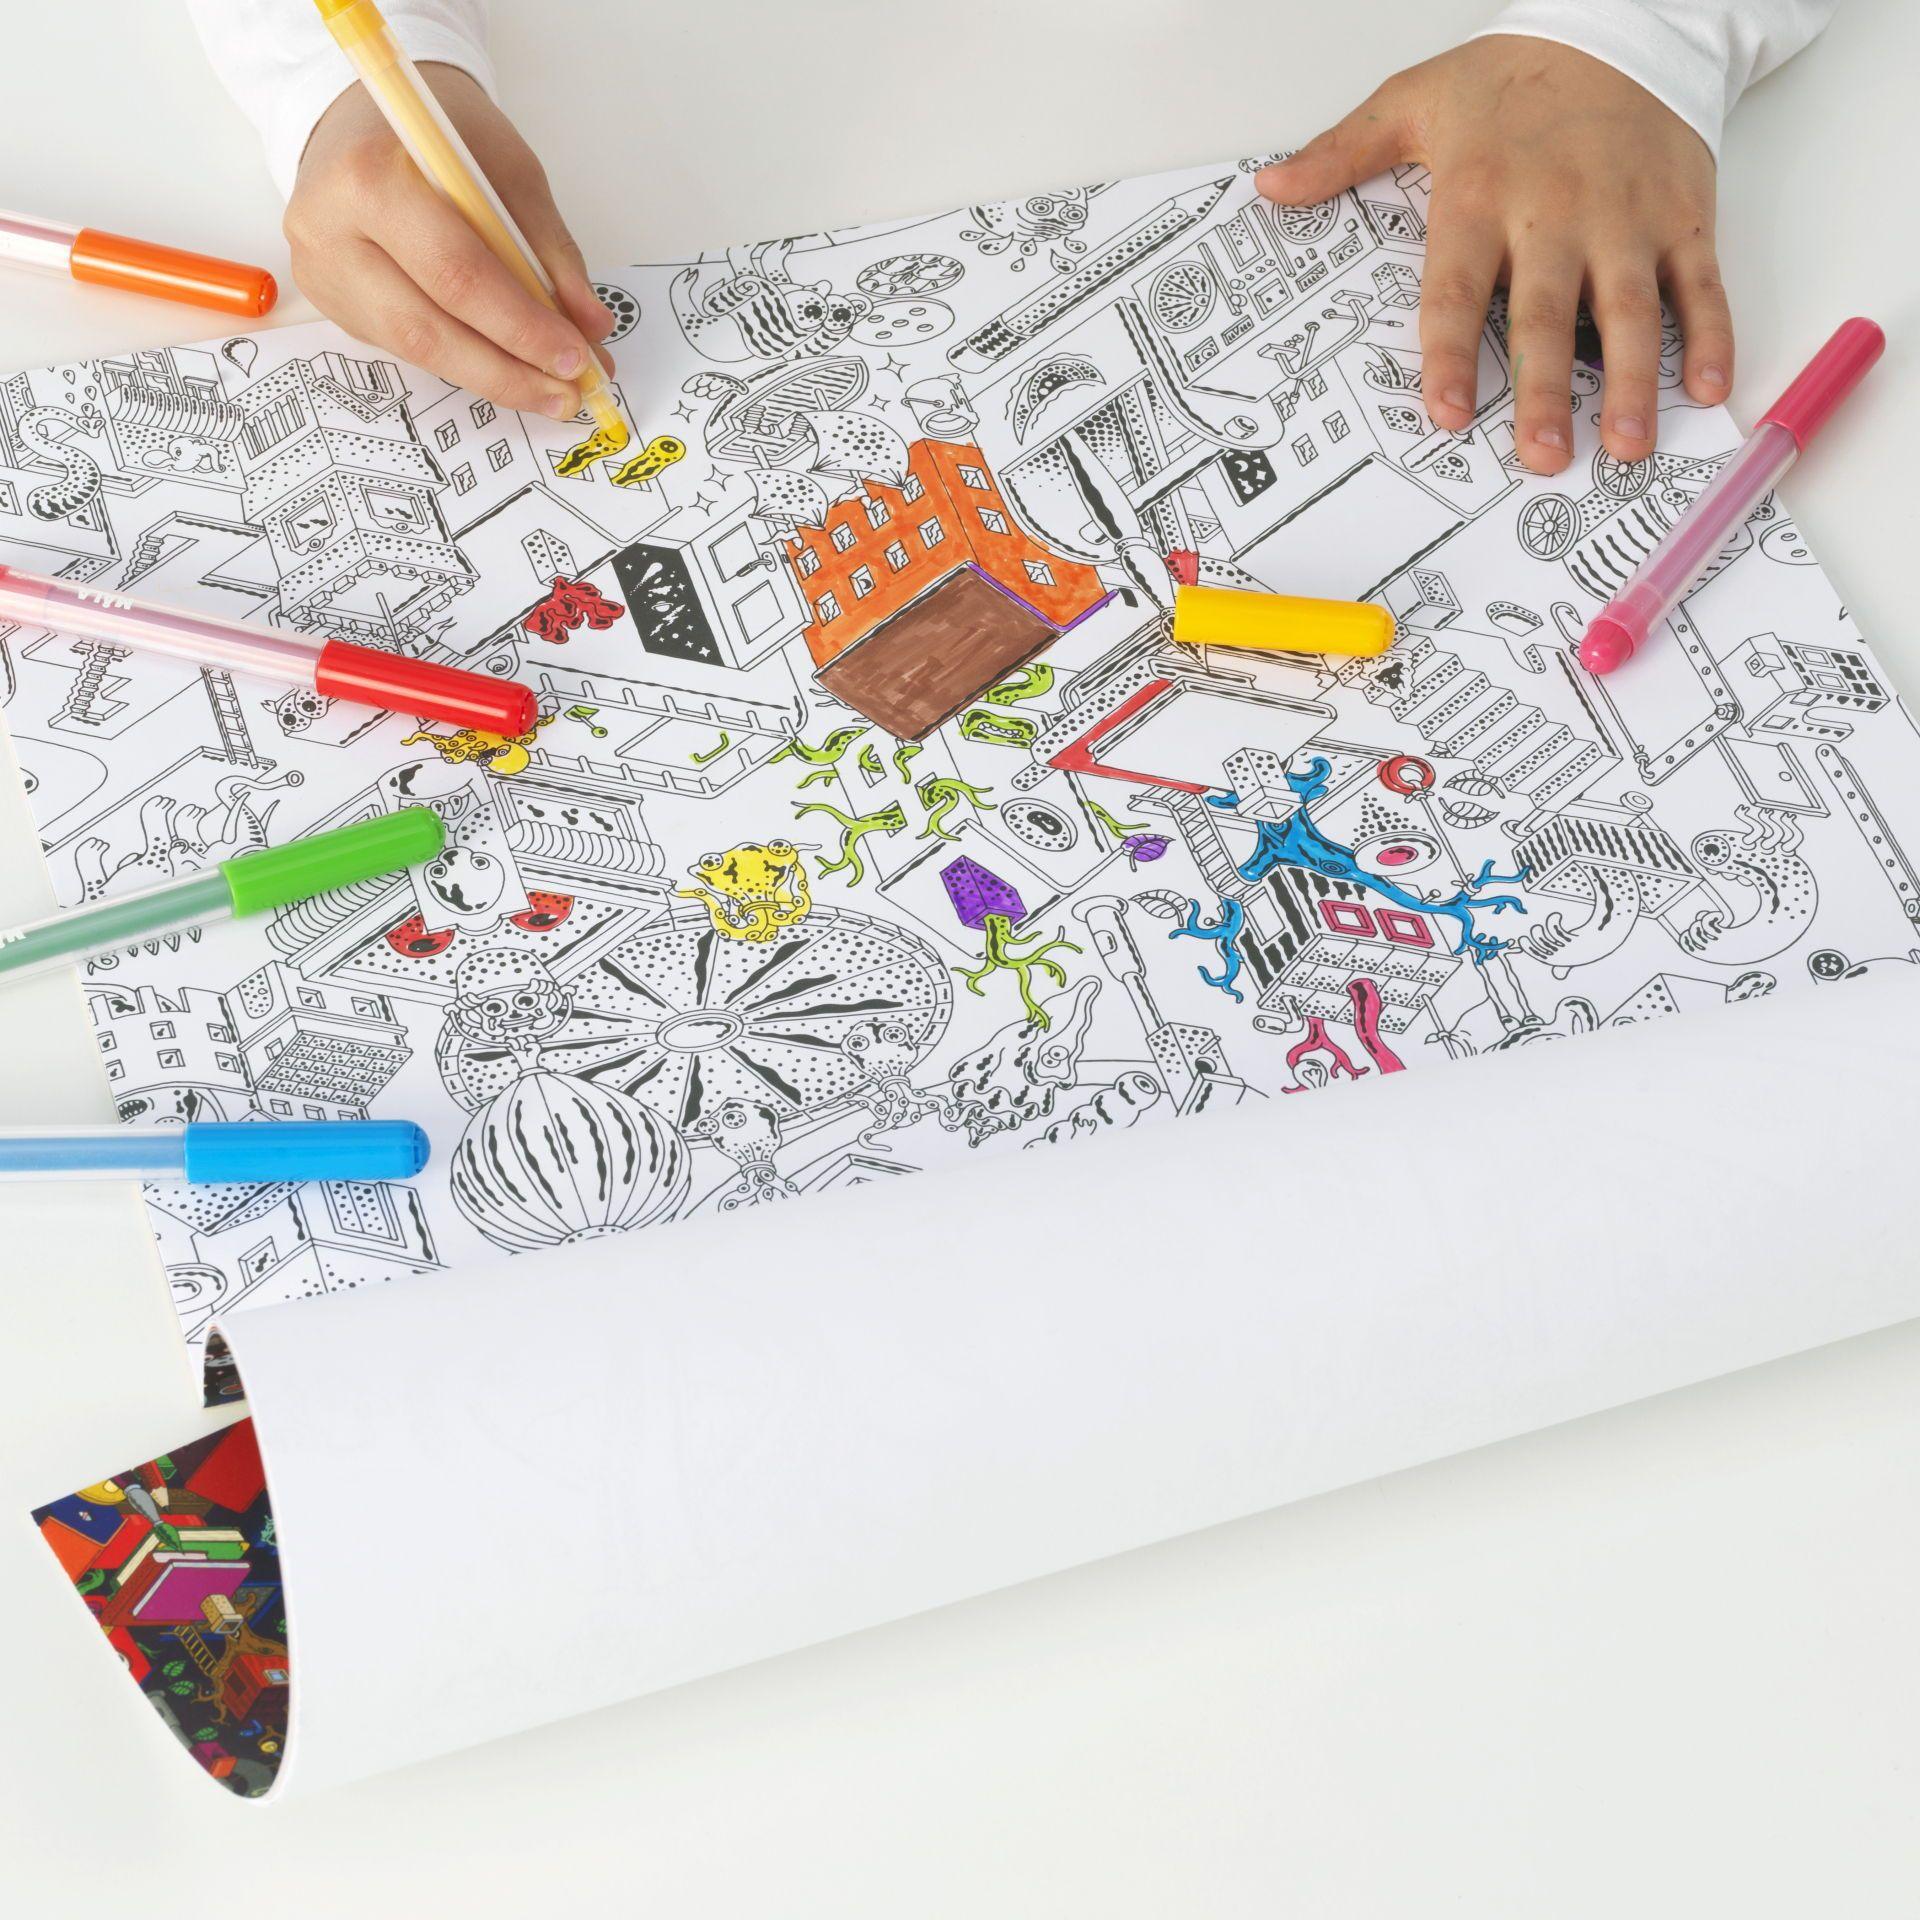 rol tekenpapier lustigt ikea kleurplaten en voor kinderen